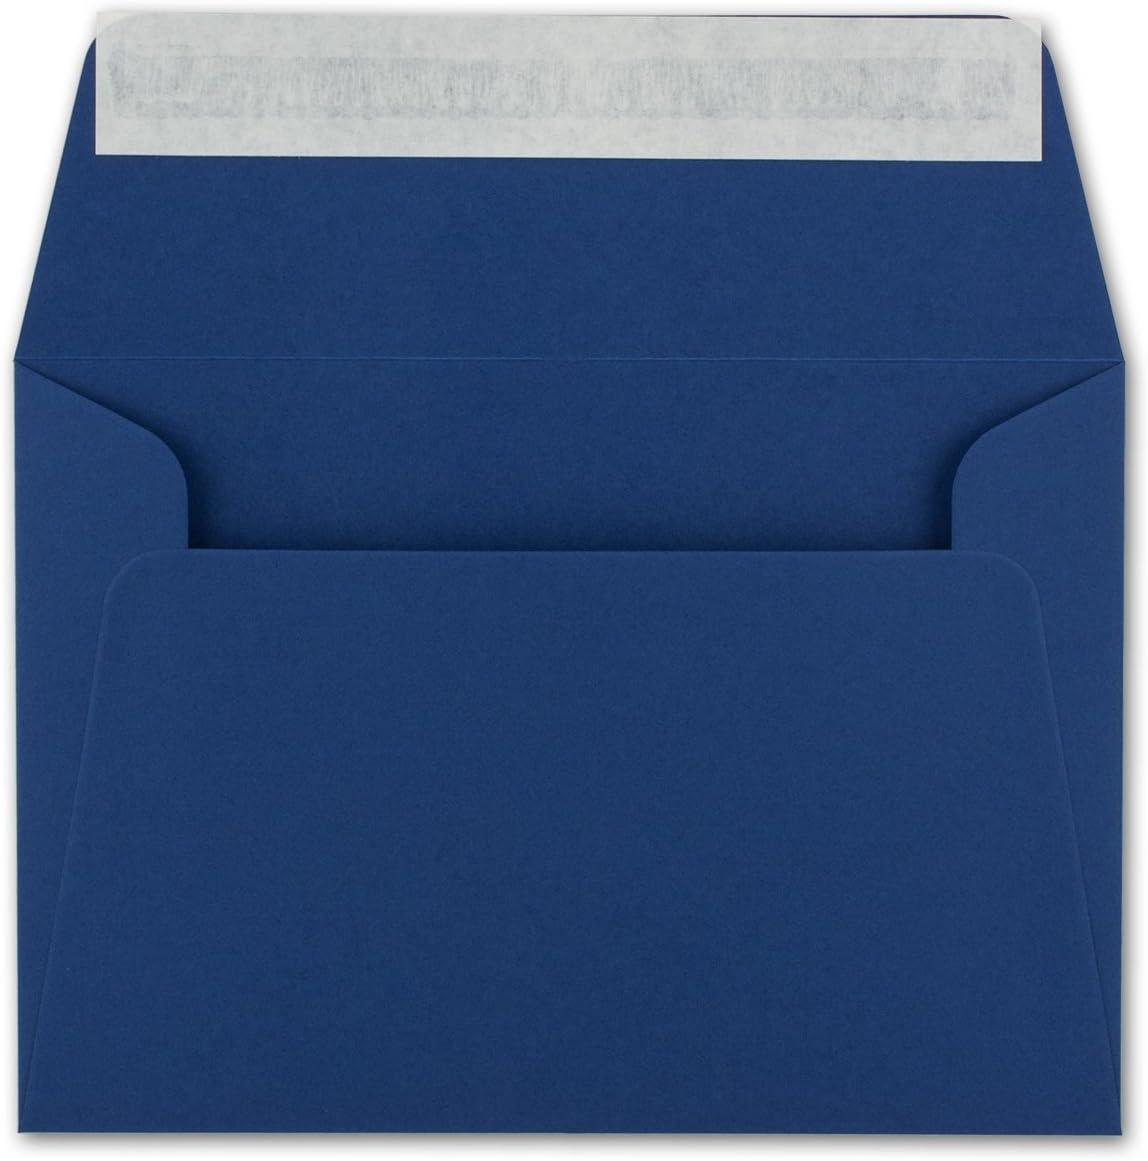 Enveloppes Neuser DIN C6-162 x 114 mm 50 Umschl/äge bleu nuit